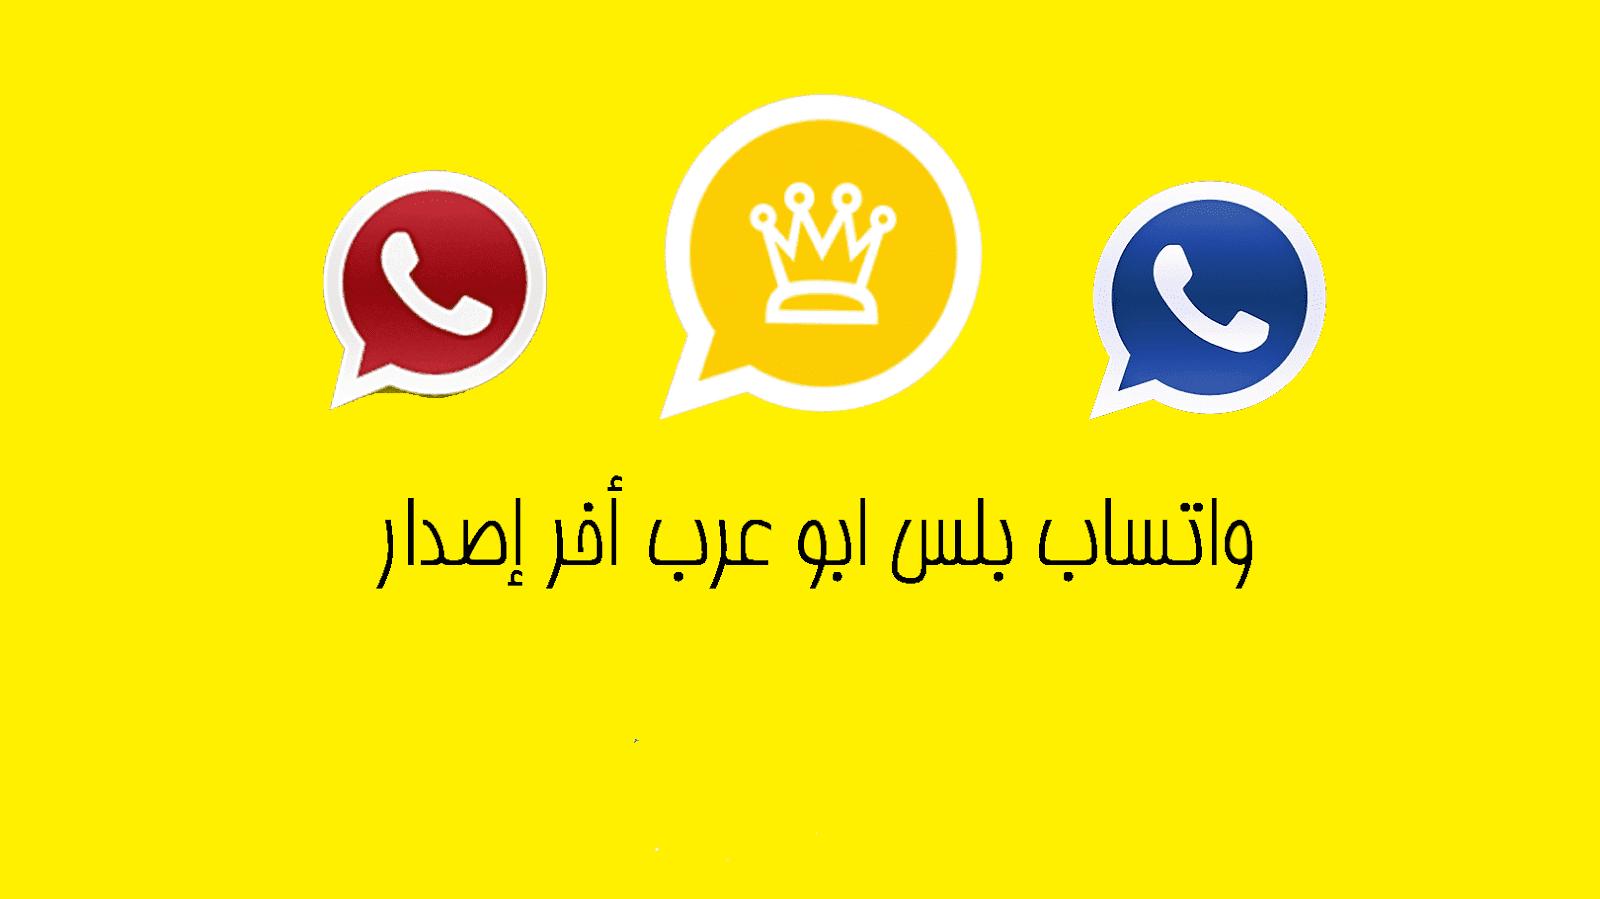 تحديث واتساب الذهبي Mosa اخر اصدار مدى الحياة تحديث واتساب الذهبي Mosa تحميل تحديث جميع نسخ واتساب الذهبي Mosa تحميل وا In 2020 School Logos Cal Logo Logos